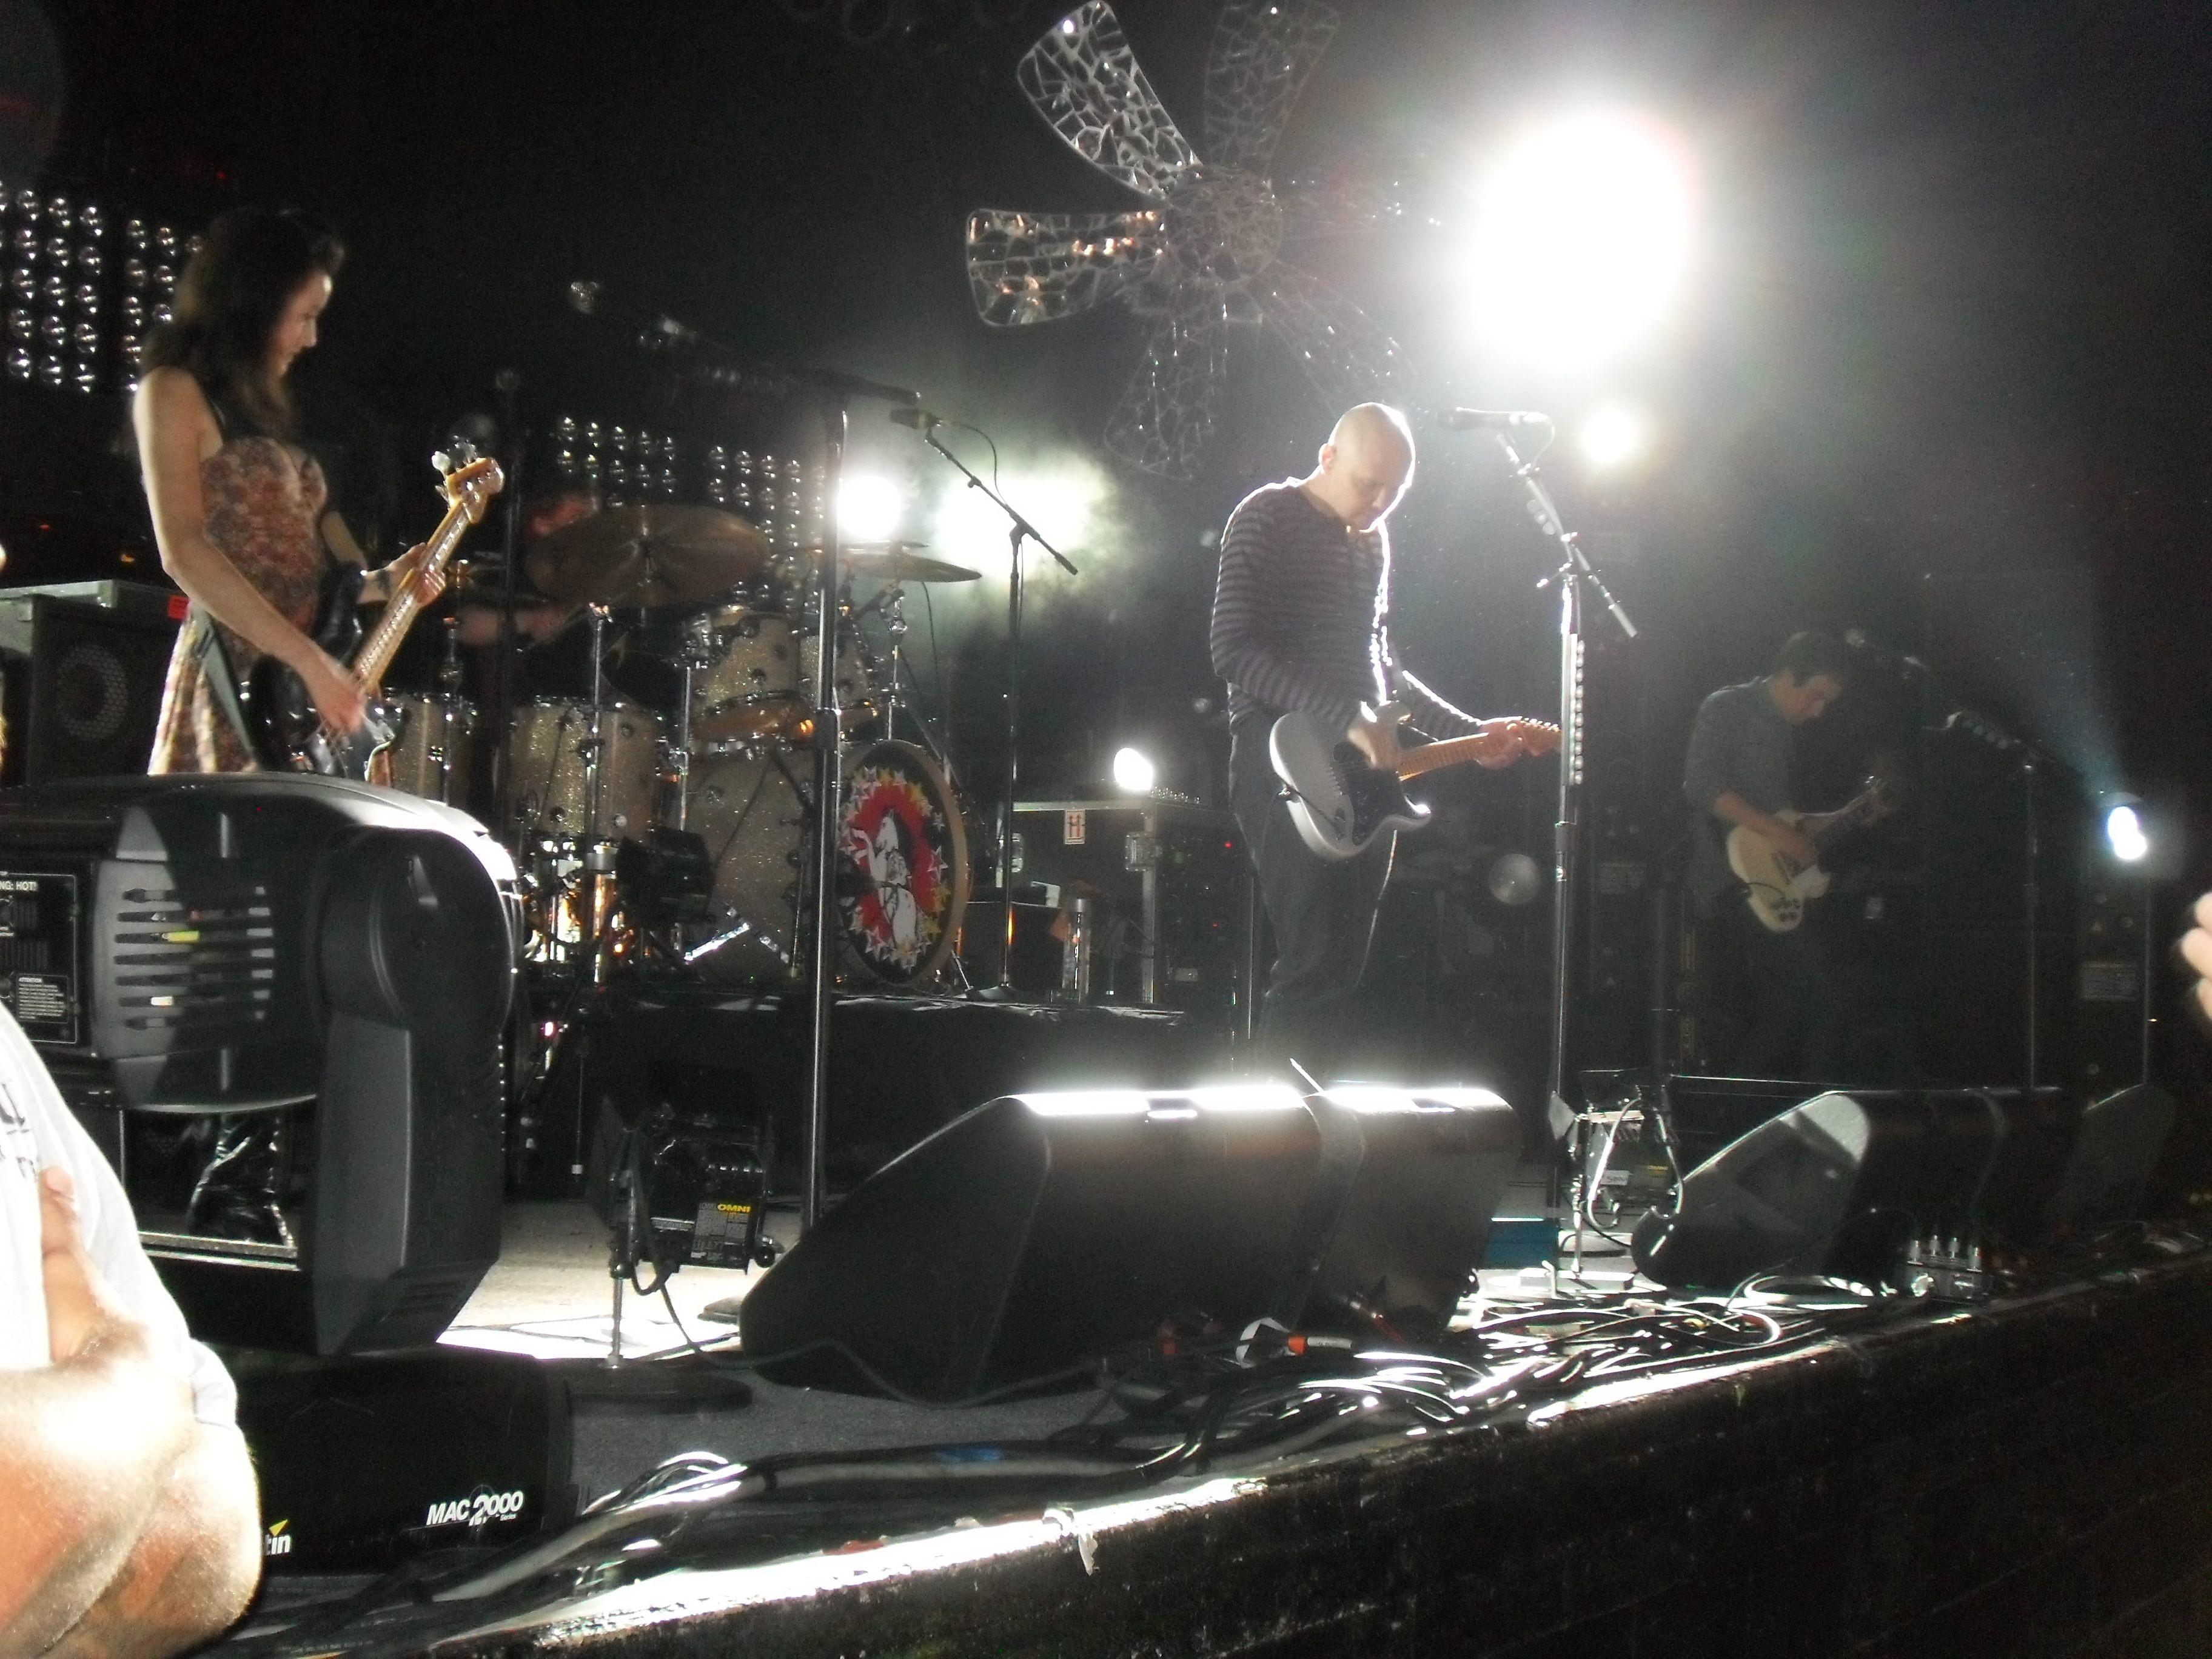 Orchestra tour De Lit Génial List Of the Smashing Pumpkins Band Members